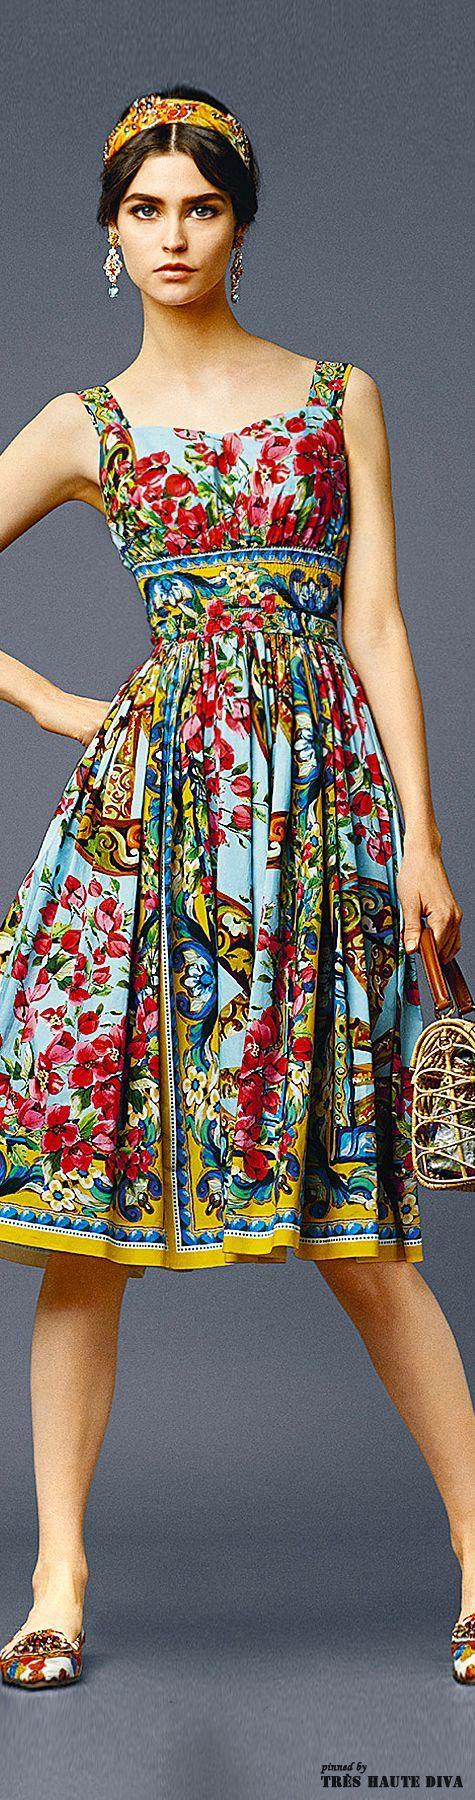 Dolce & Gabbana - Summer 2014